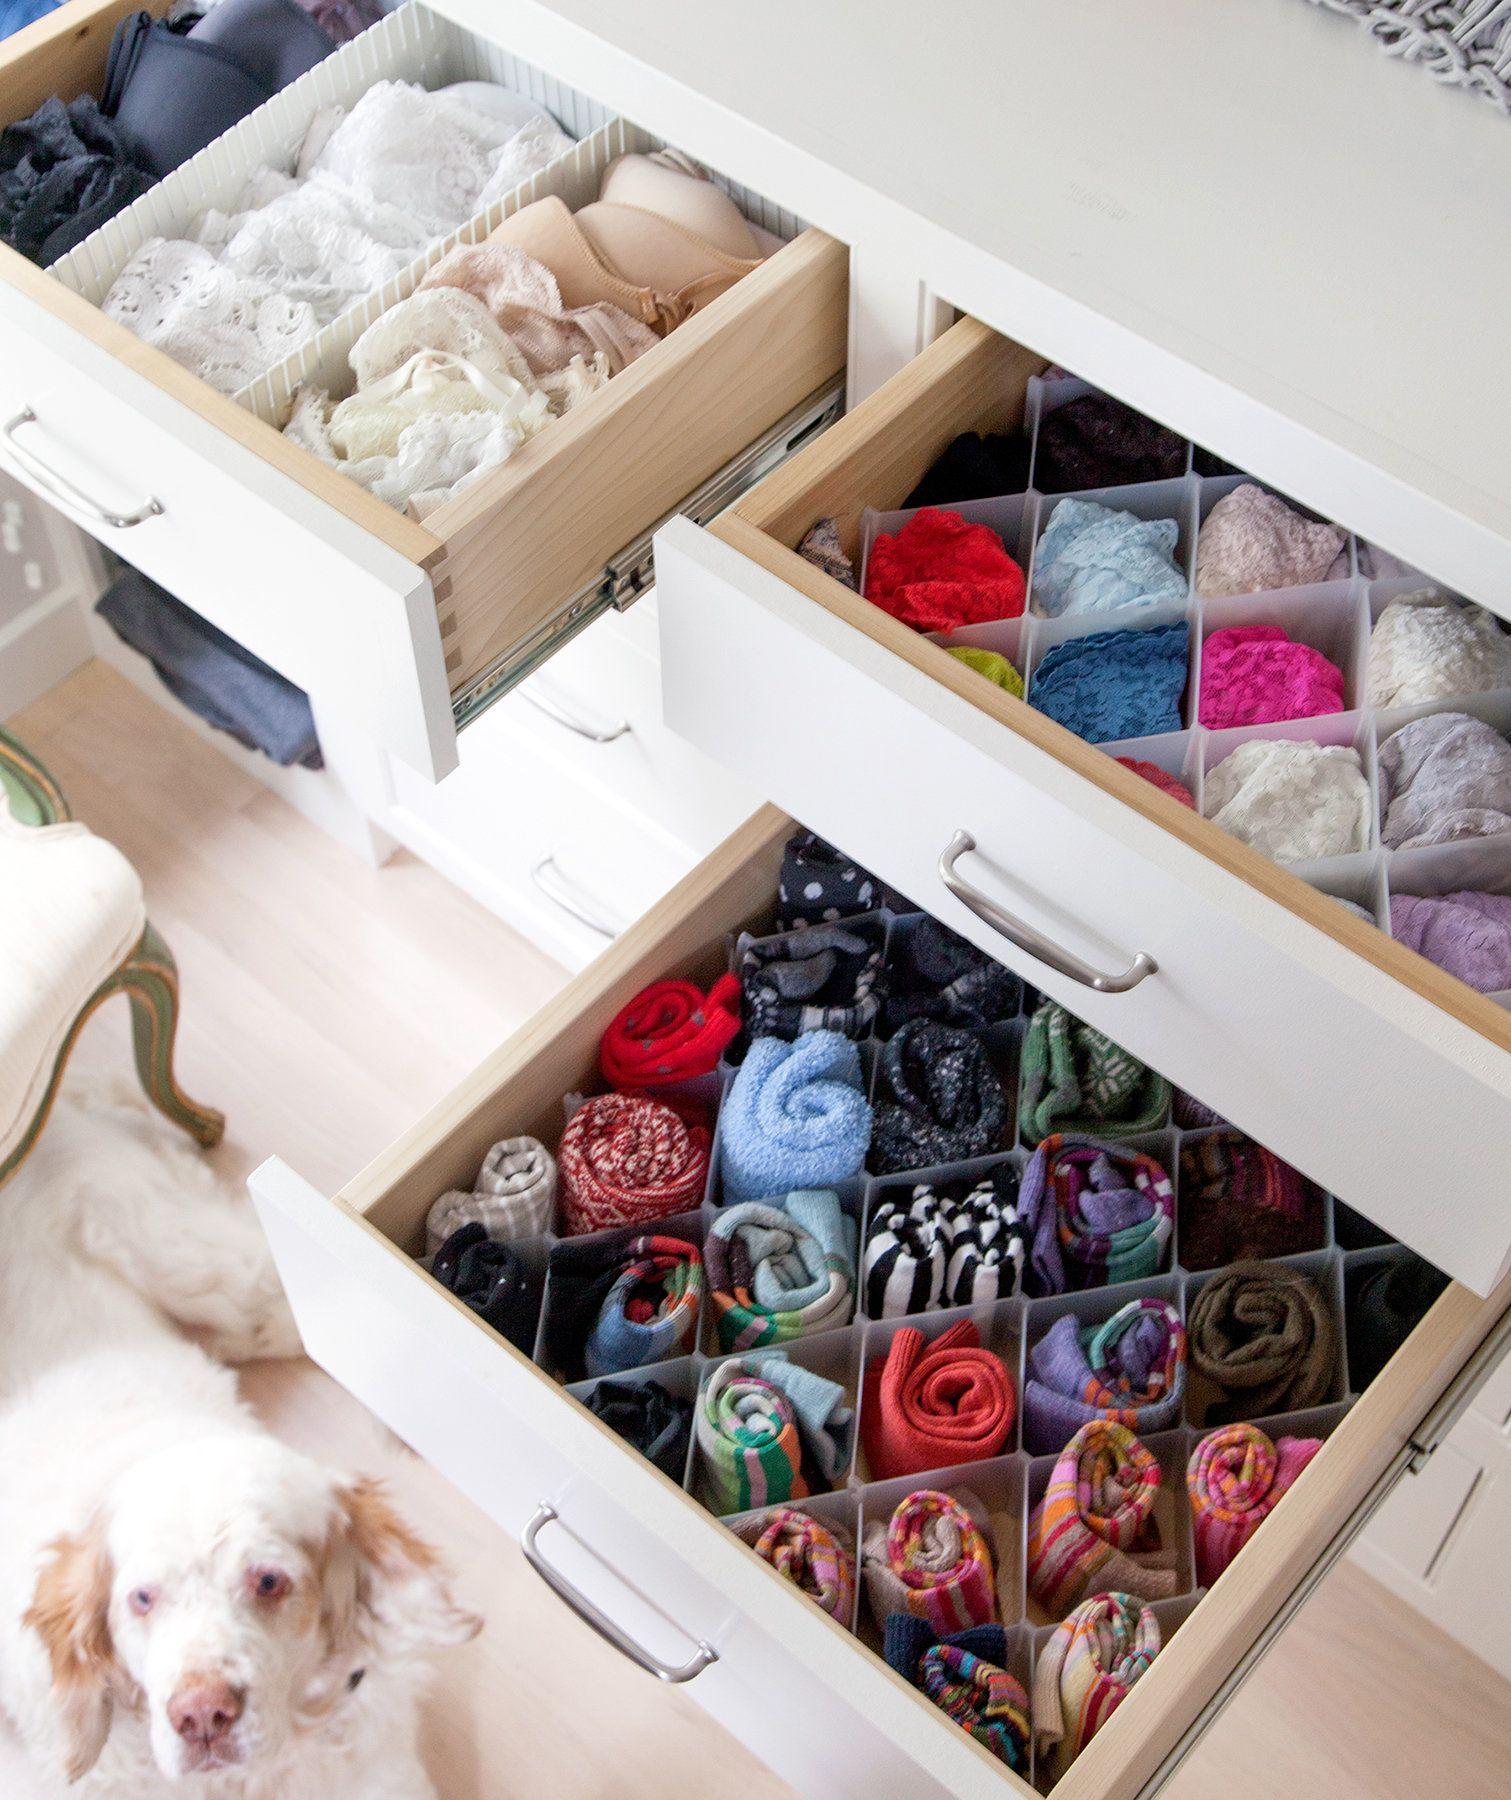 Секреты, помогающие навести порядок в шкафу всего за 20 минут: подготовка к уборке шкафа